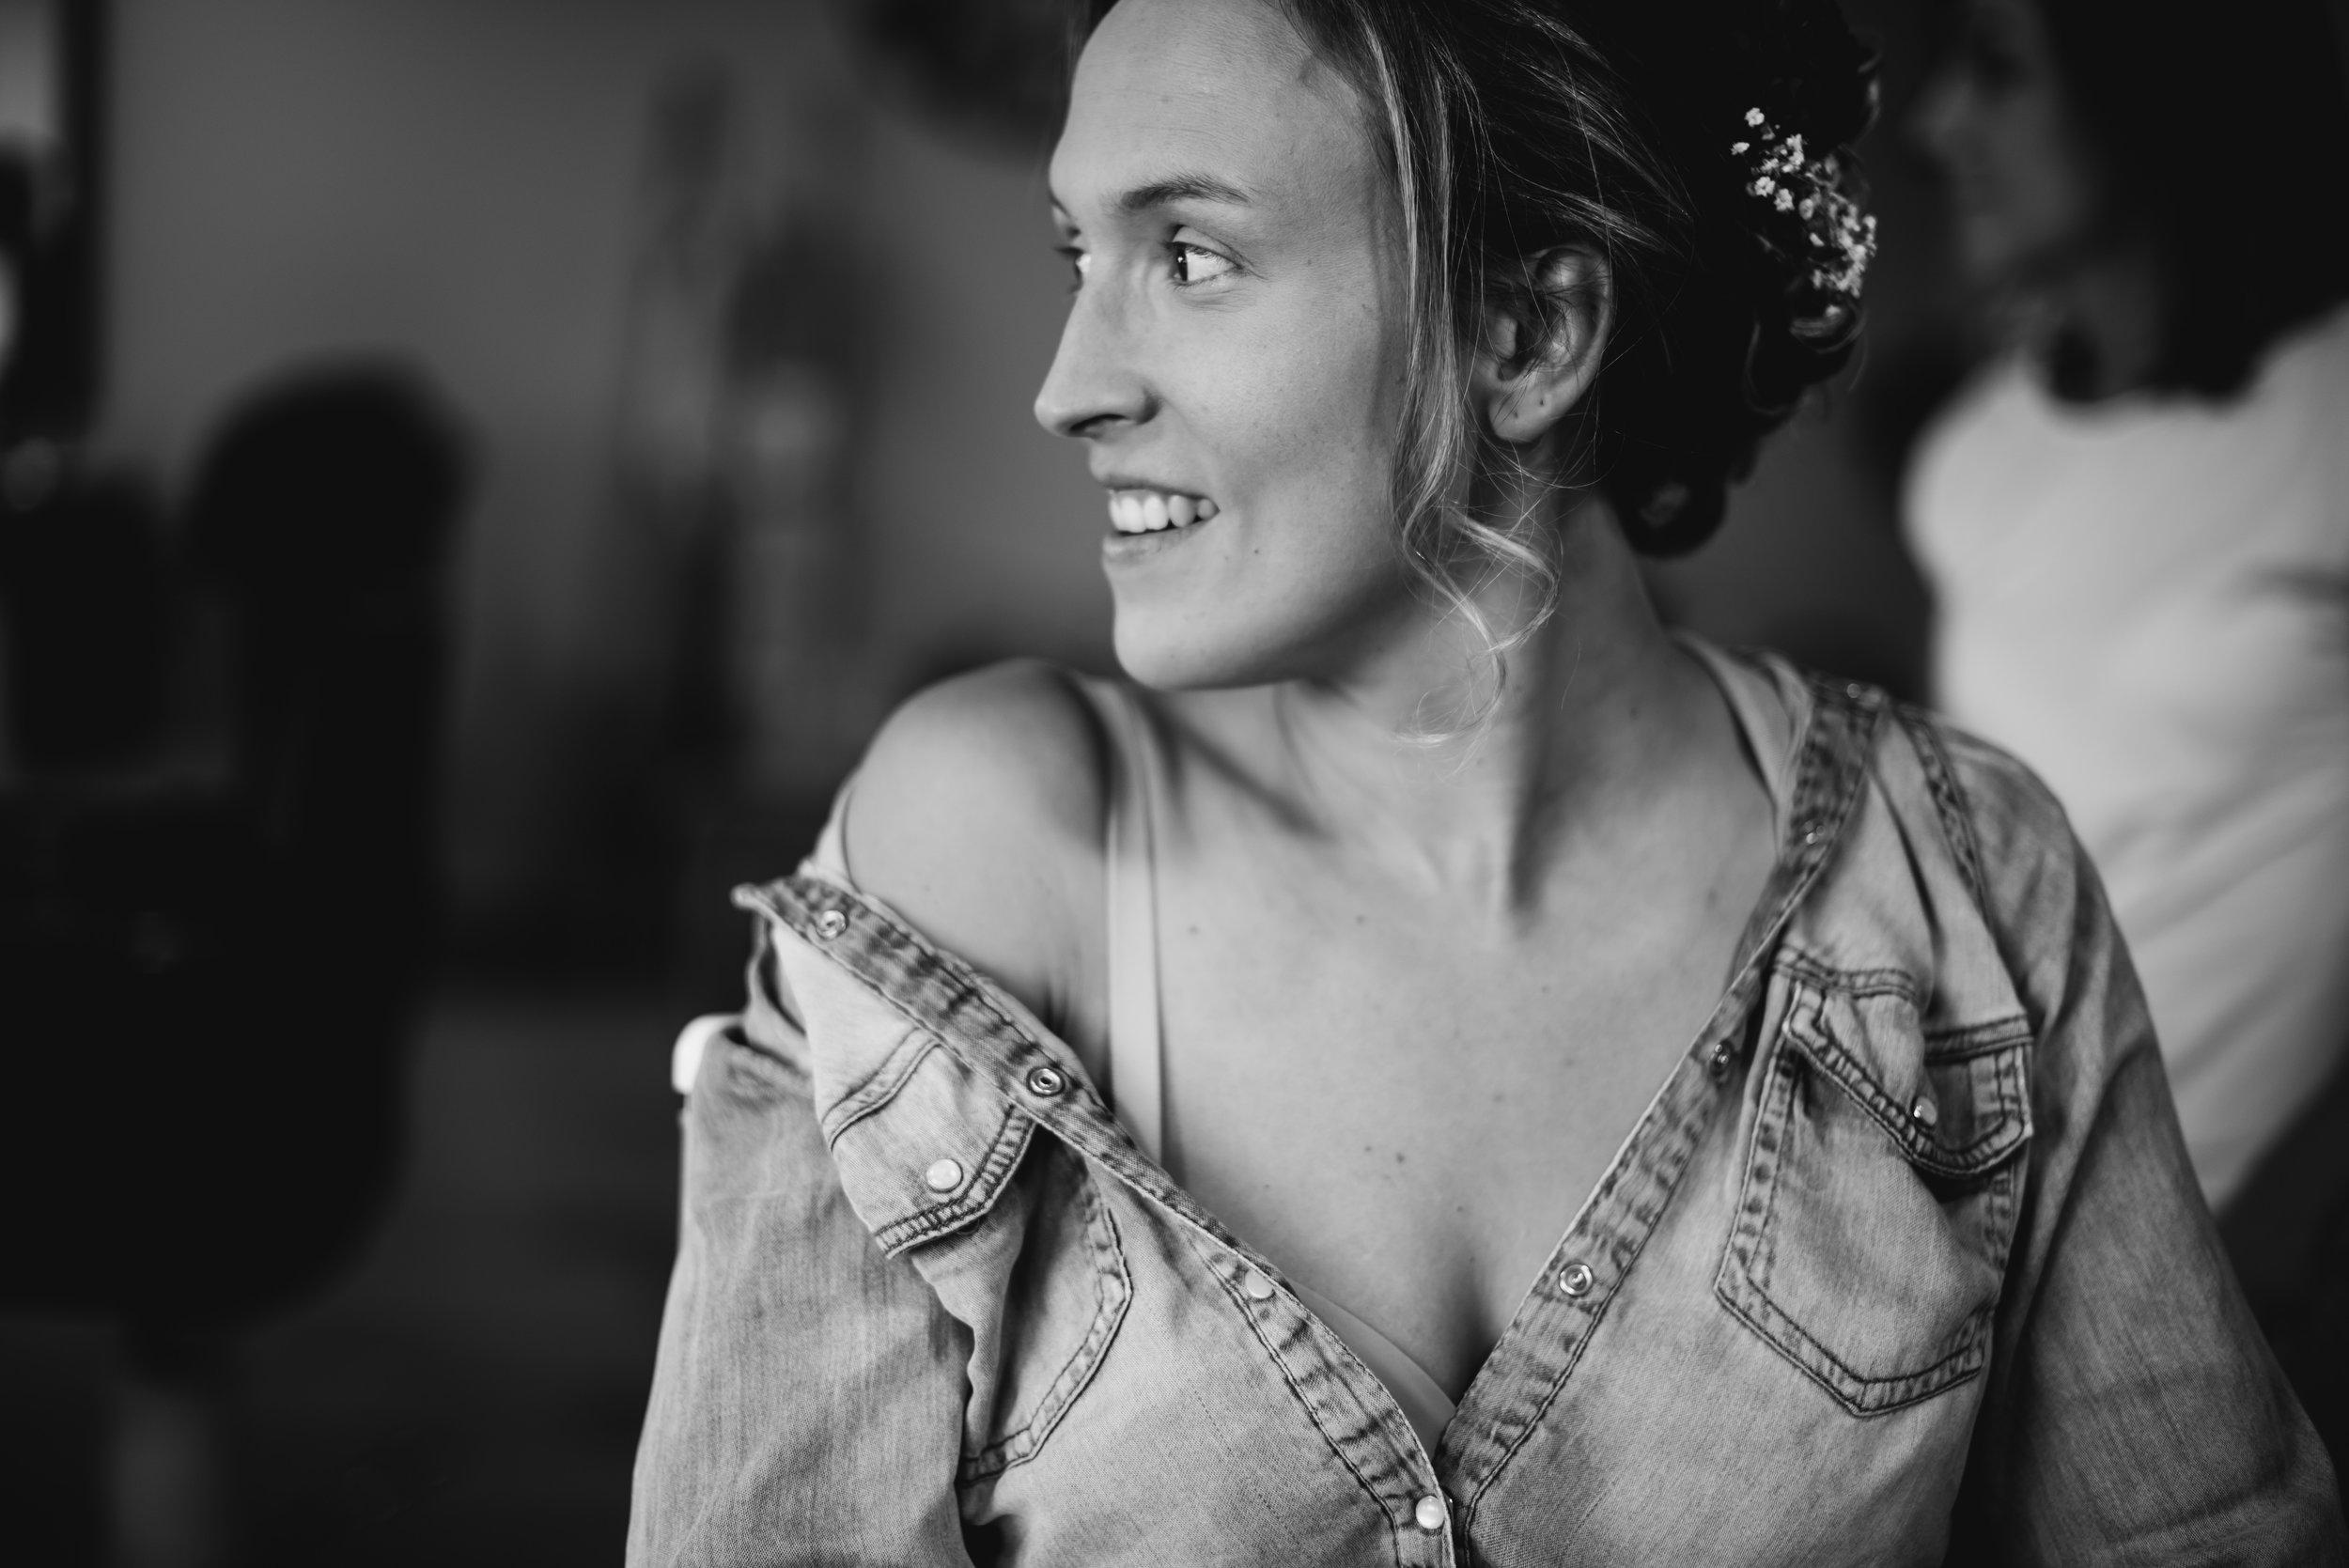 Léa-Fery-photographe-professionnel-lyon-rhone-alpes-portrait-creation-mariage-evenement-evenementiel-famille-7115.jpg